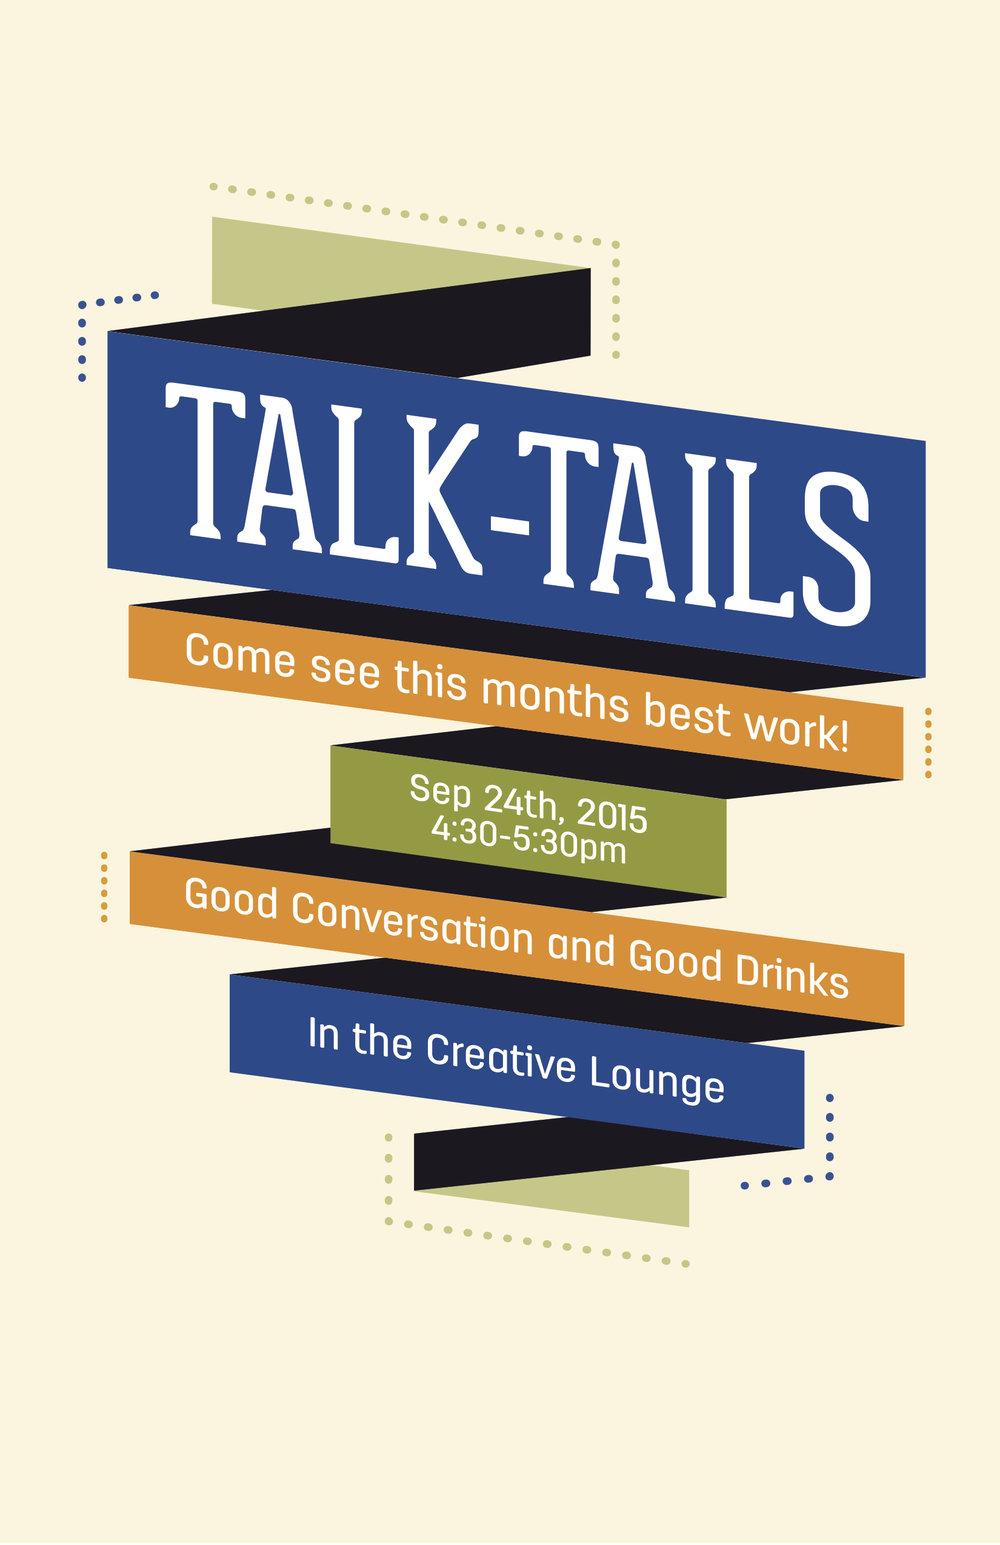 Talk-Tails